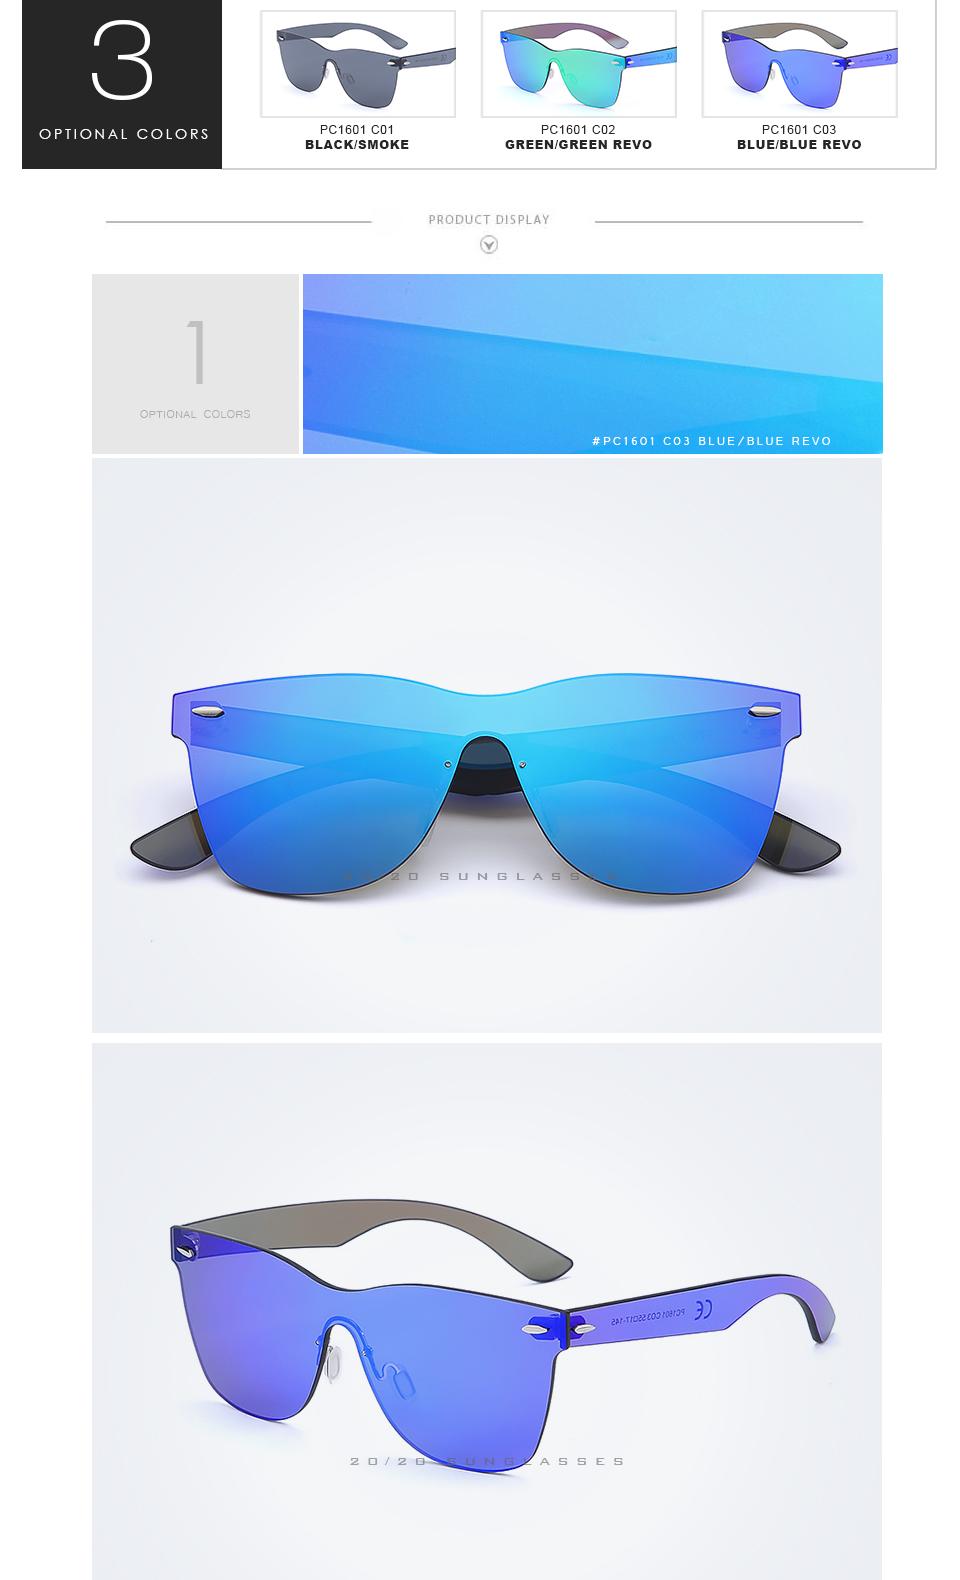 20/20 Marka Vintage Style Bez Oprawek Okularów Przeciwsłonecznych Mężczyzna Soczewka Płaska PC1601 Kwadratowych Rama Kobiety Okulary Óculos Gafas 2